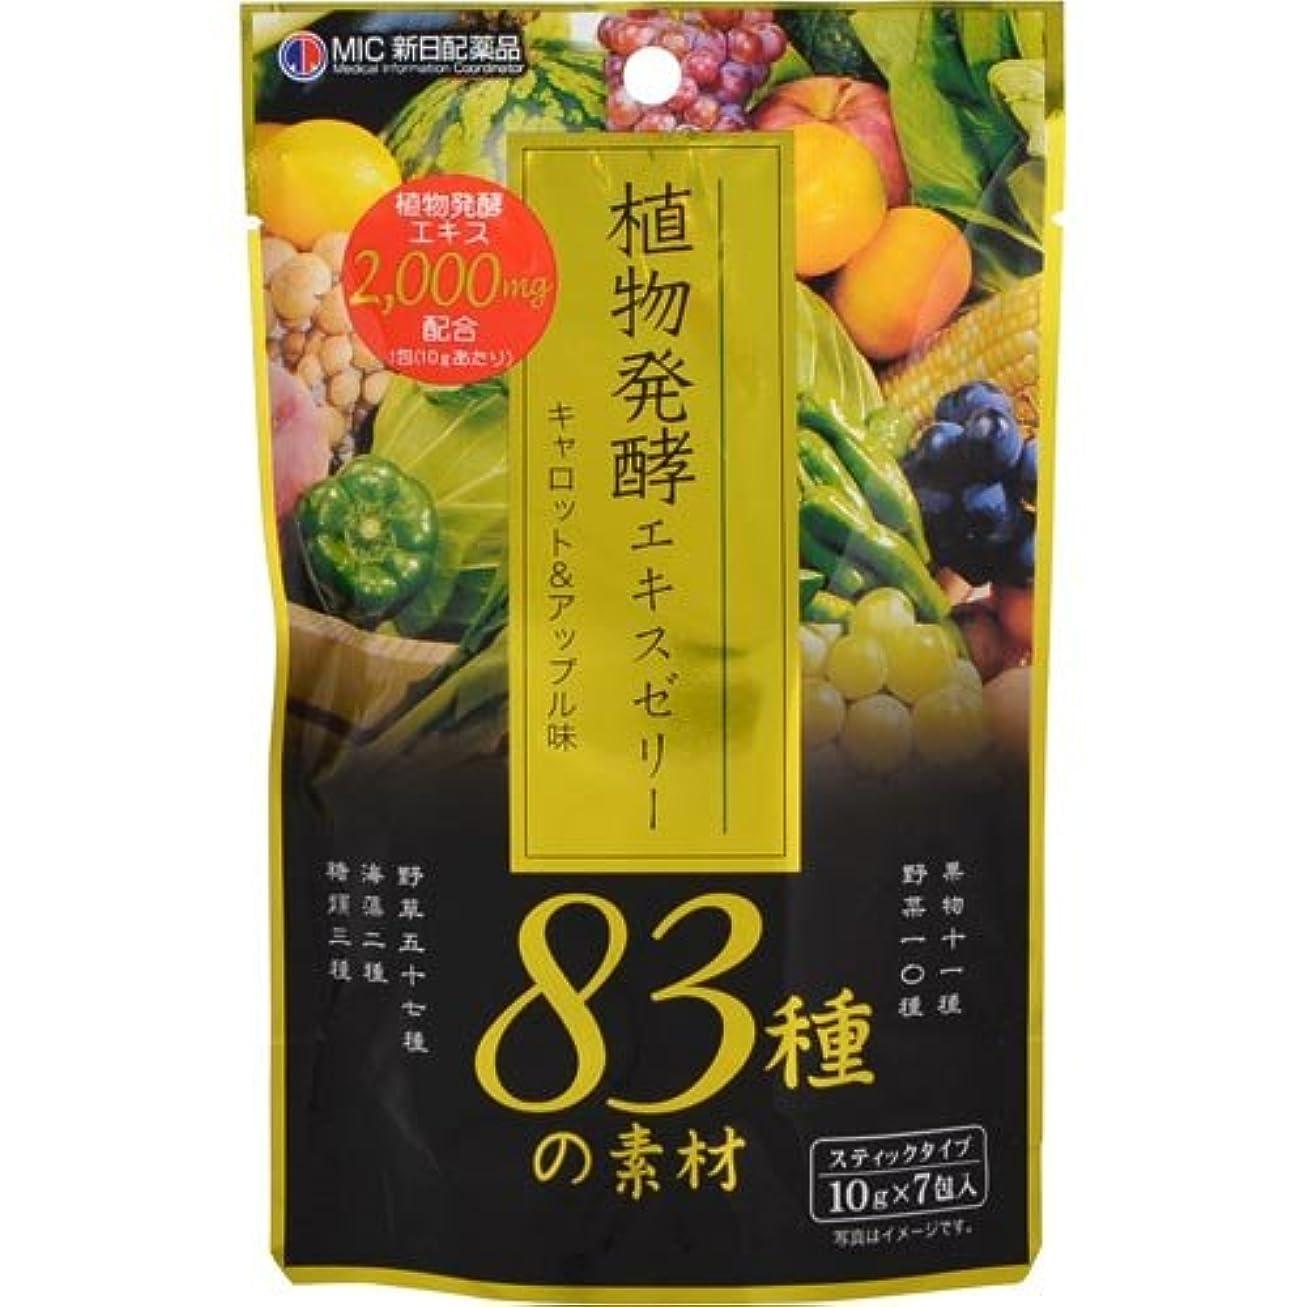 知り合いカジュアルチェリー植物醗酵エキスゼリー キャロット&アップル味 10g×7包